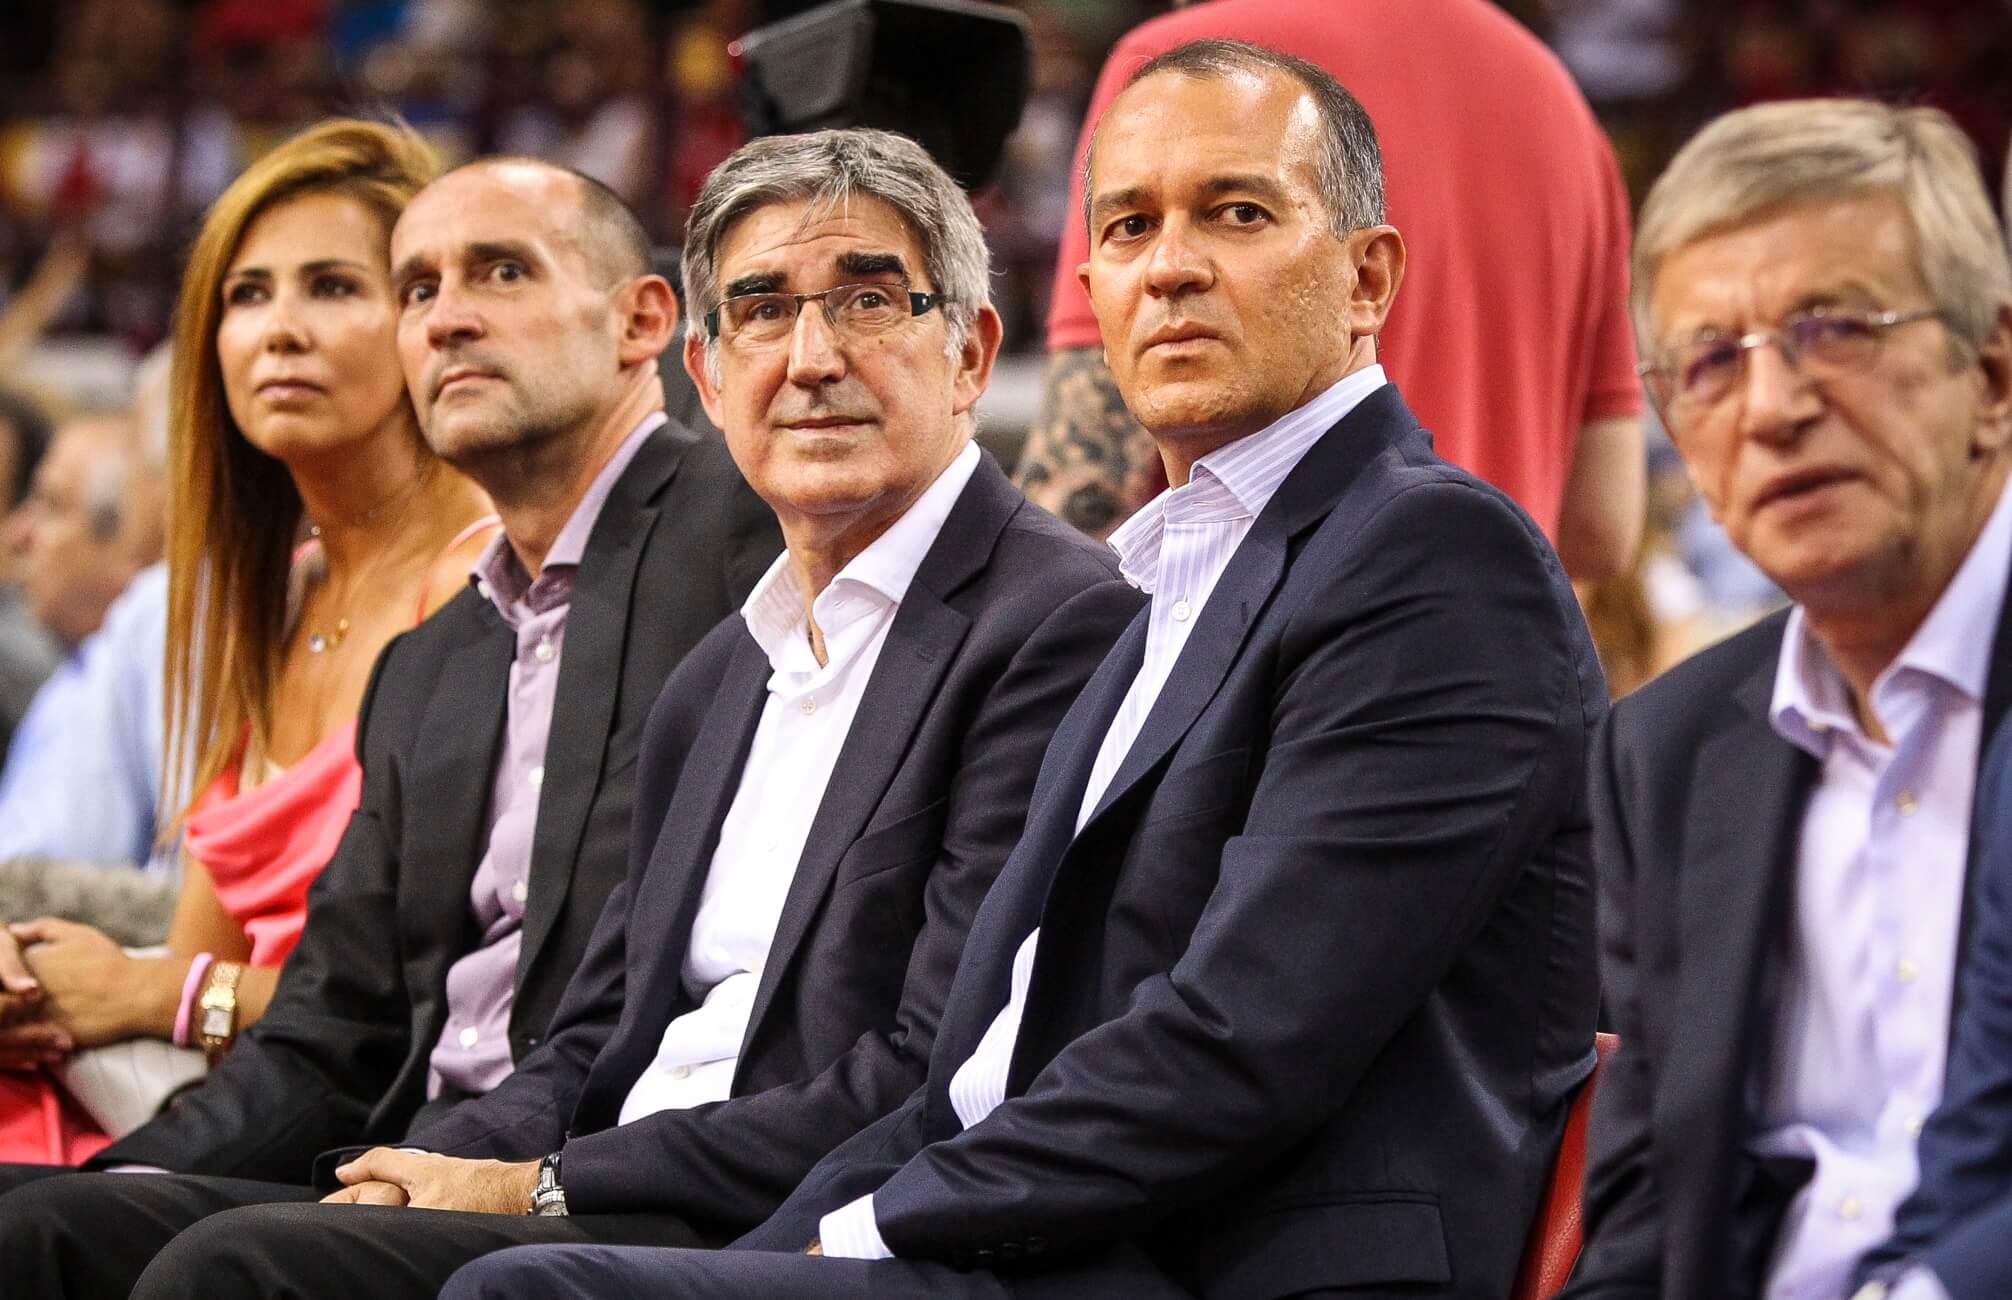 """Μπερτομέου: """"Εταιρεία η Euroleague – Δεν απαιτείται συμμετοχή στο εθνικό πρωτάθλημα"""""""